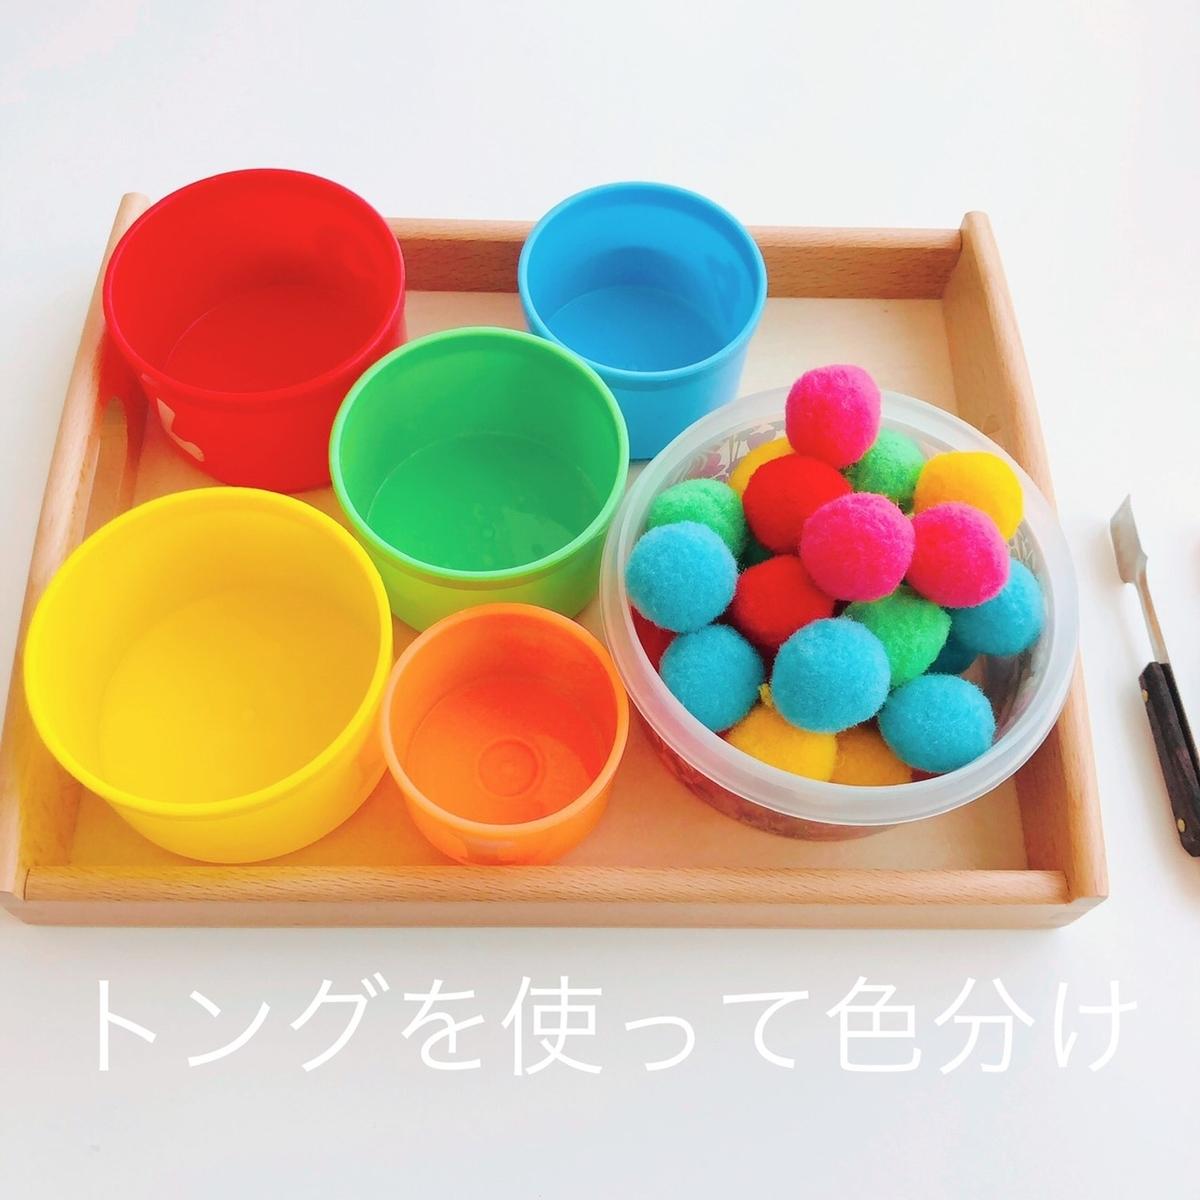 トングを使って色分けするおもちゃを上から撮影した写真